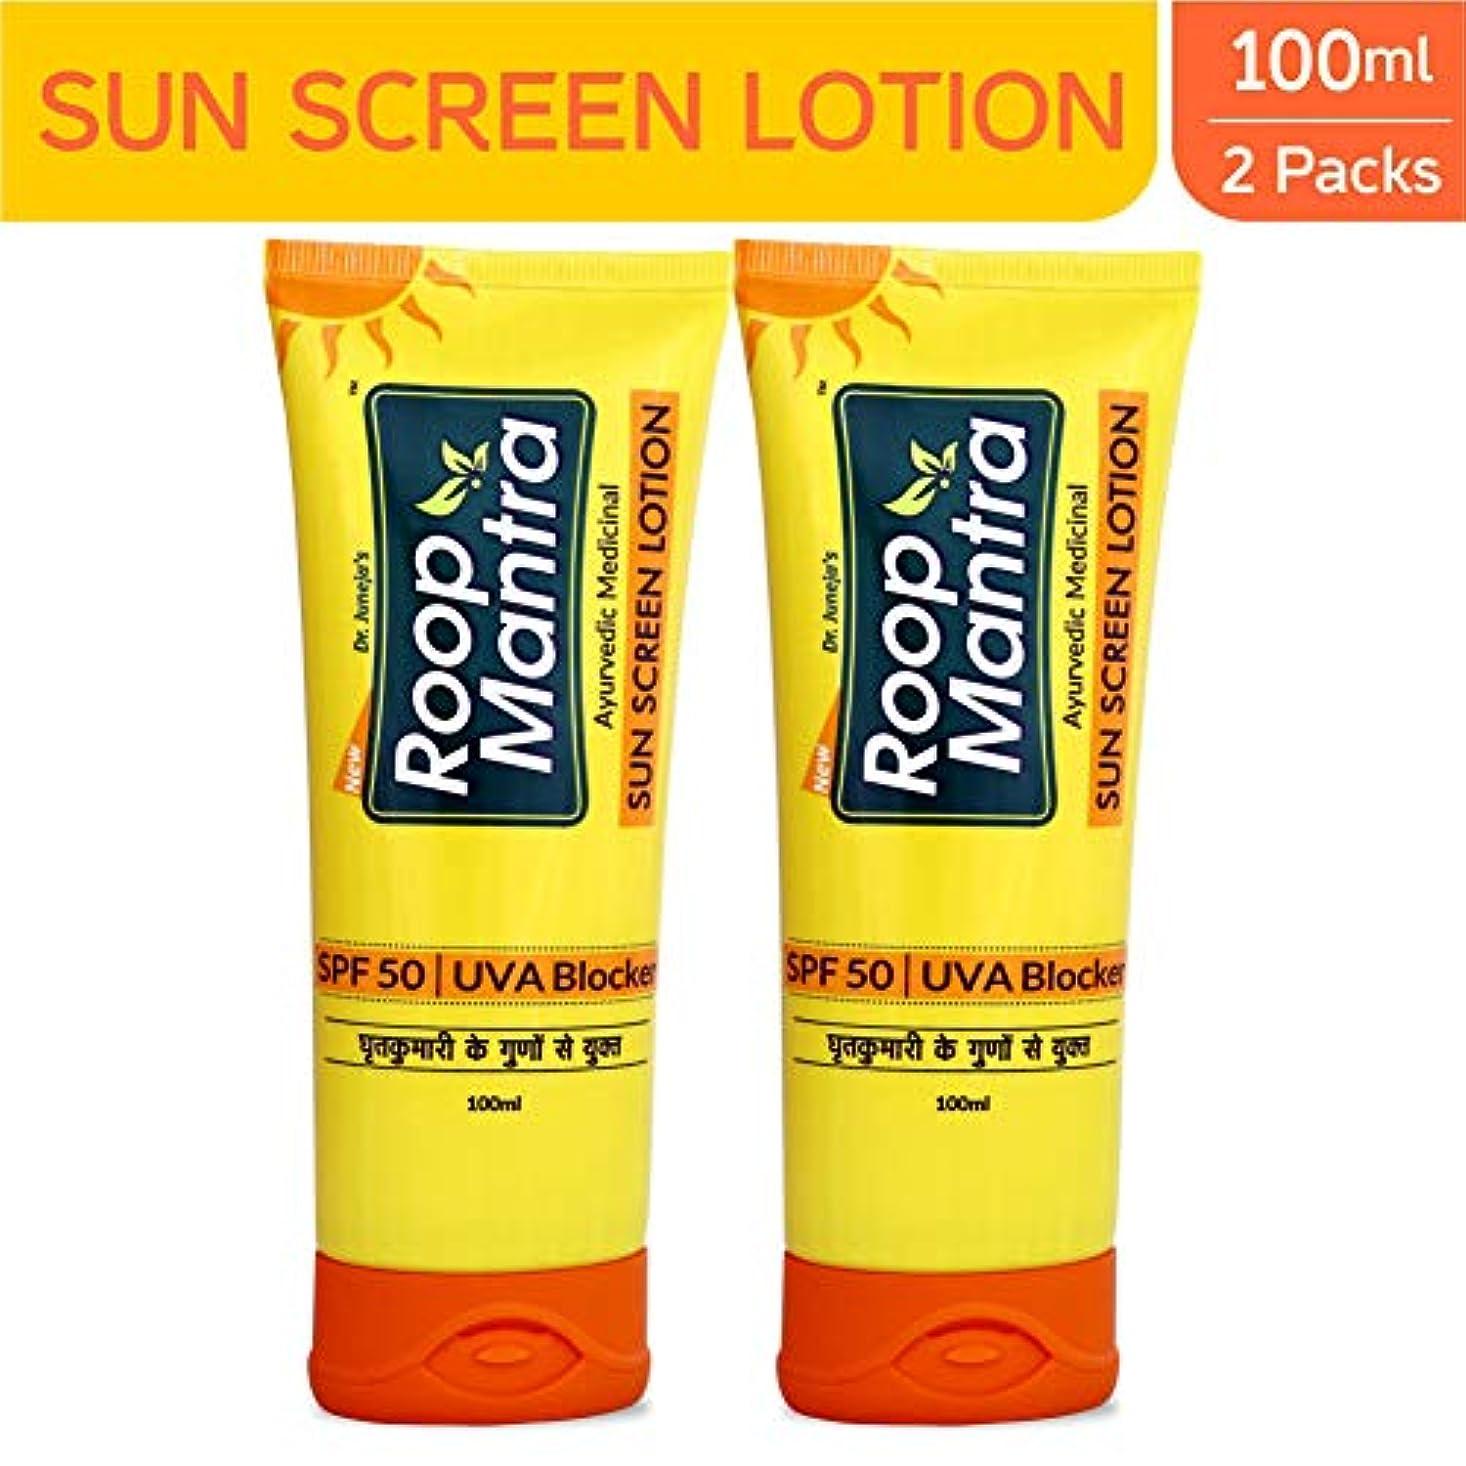 用語集ロンドン感嘆符Roop Mantra Sun Screen Lotion, 100ml (Pack of 2)